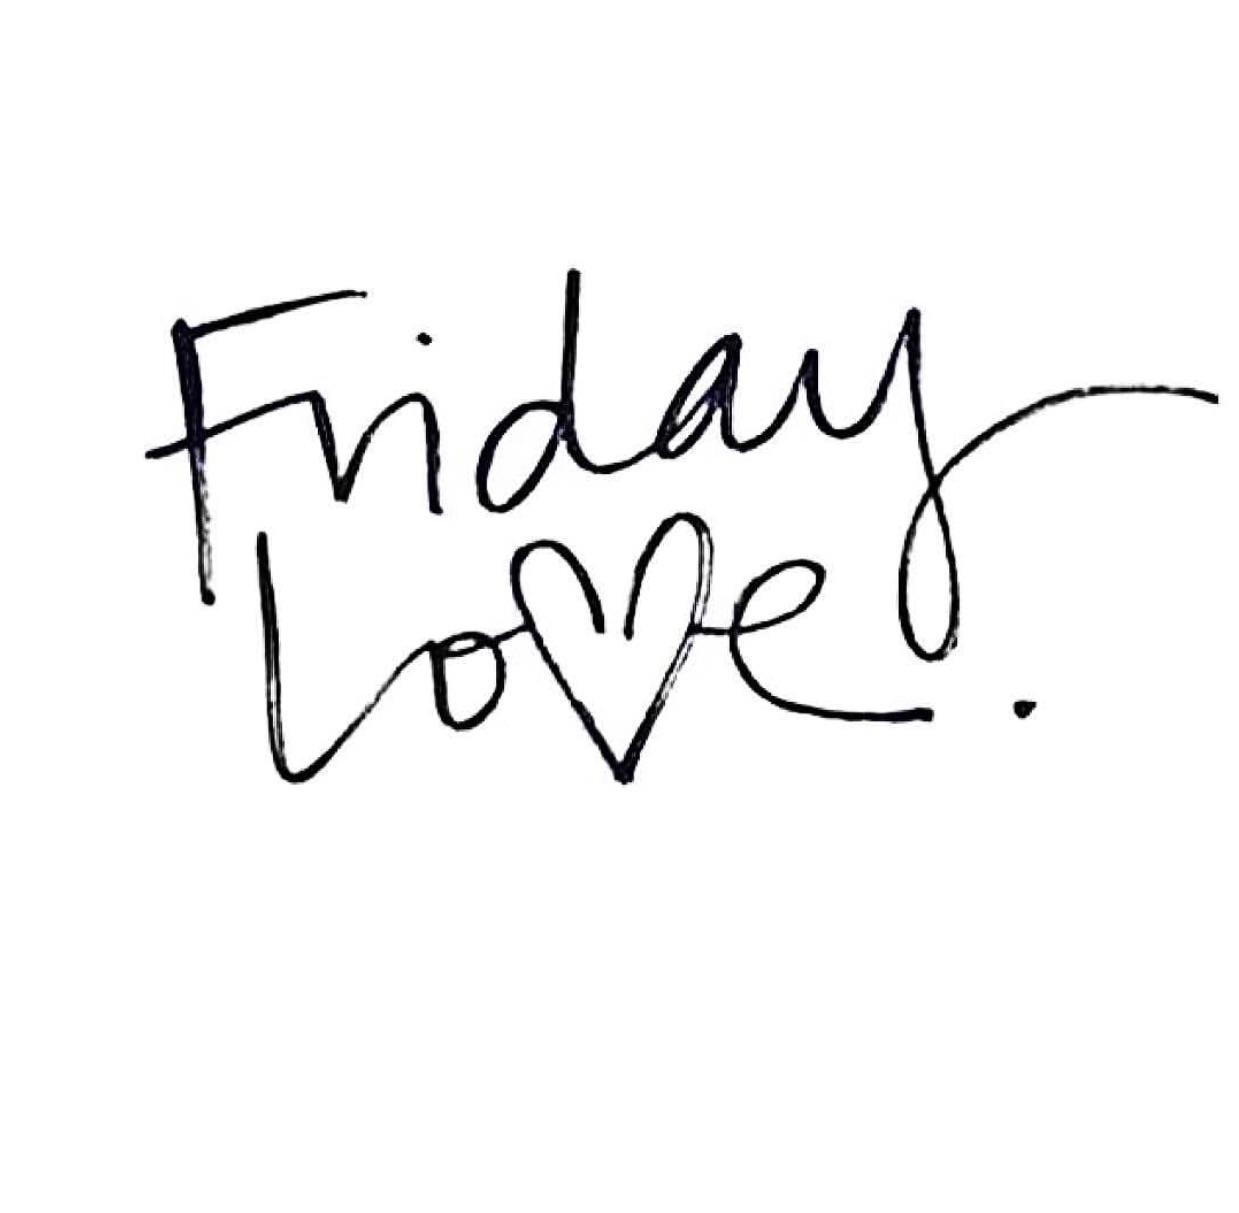 Ja og dere....hva betyr fredag???? Jooooo ny atlet ikveld...og jeg lover dere - idag er det et skikkelig råskinn!!!!  KlemMari